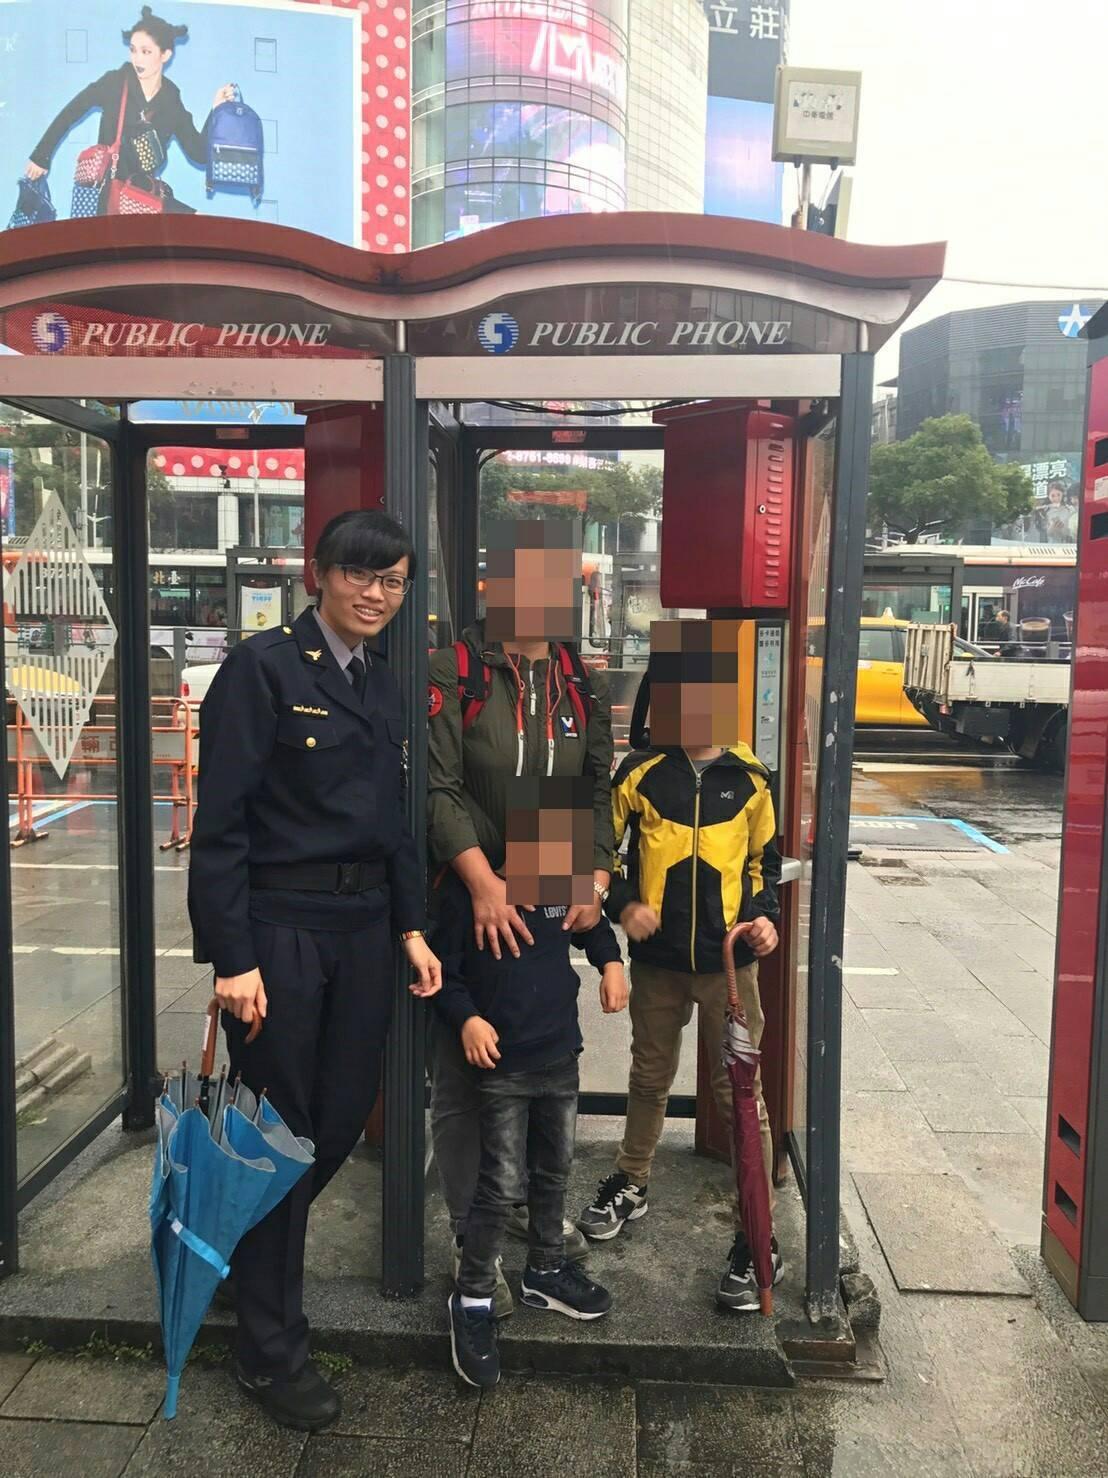 韓籍婦人與兒子走失,台灣警察協助尋回。記者廖炳棋/翻攝